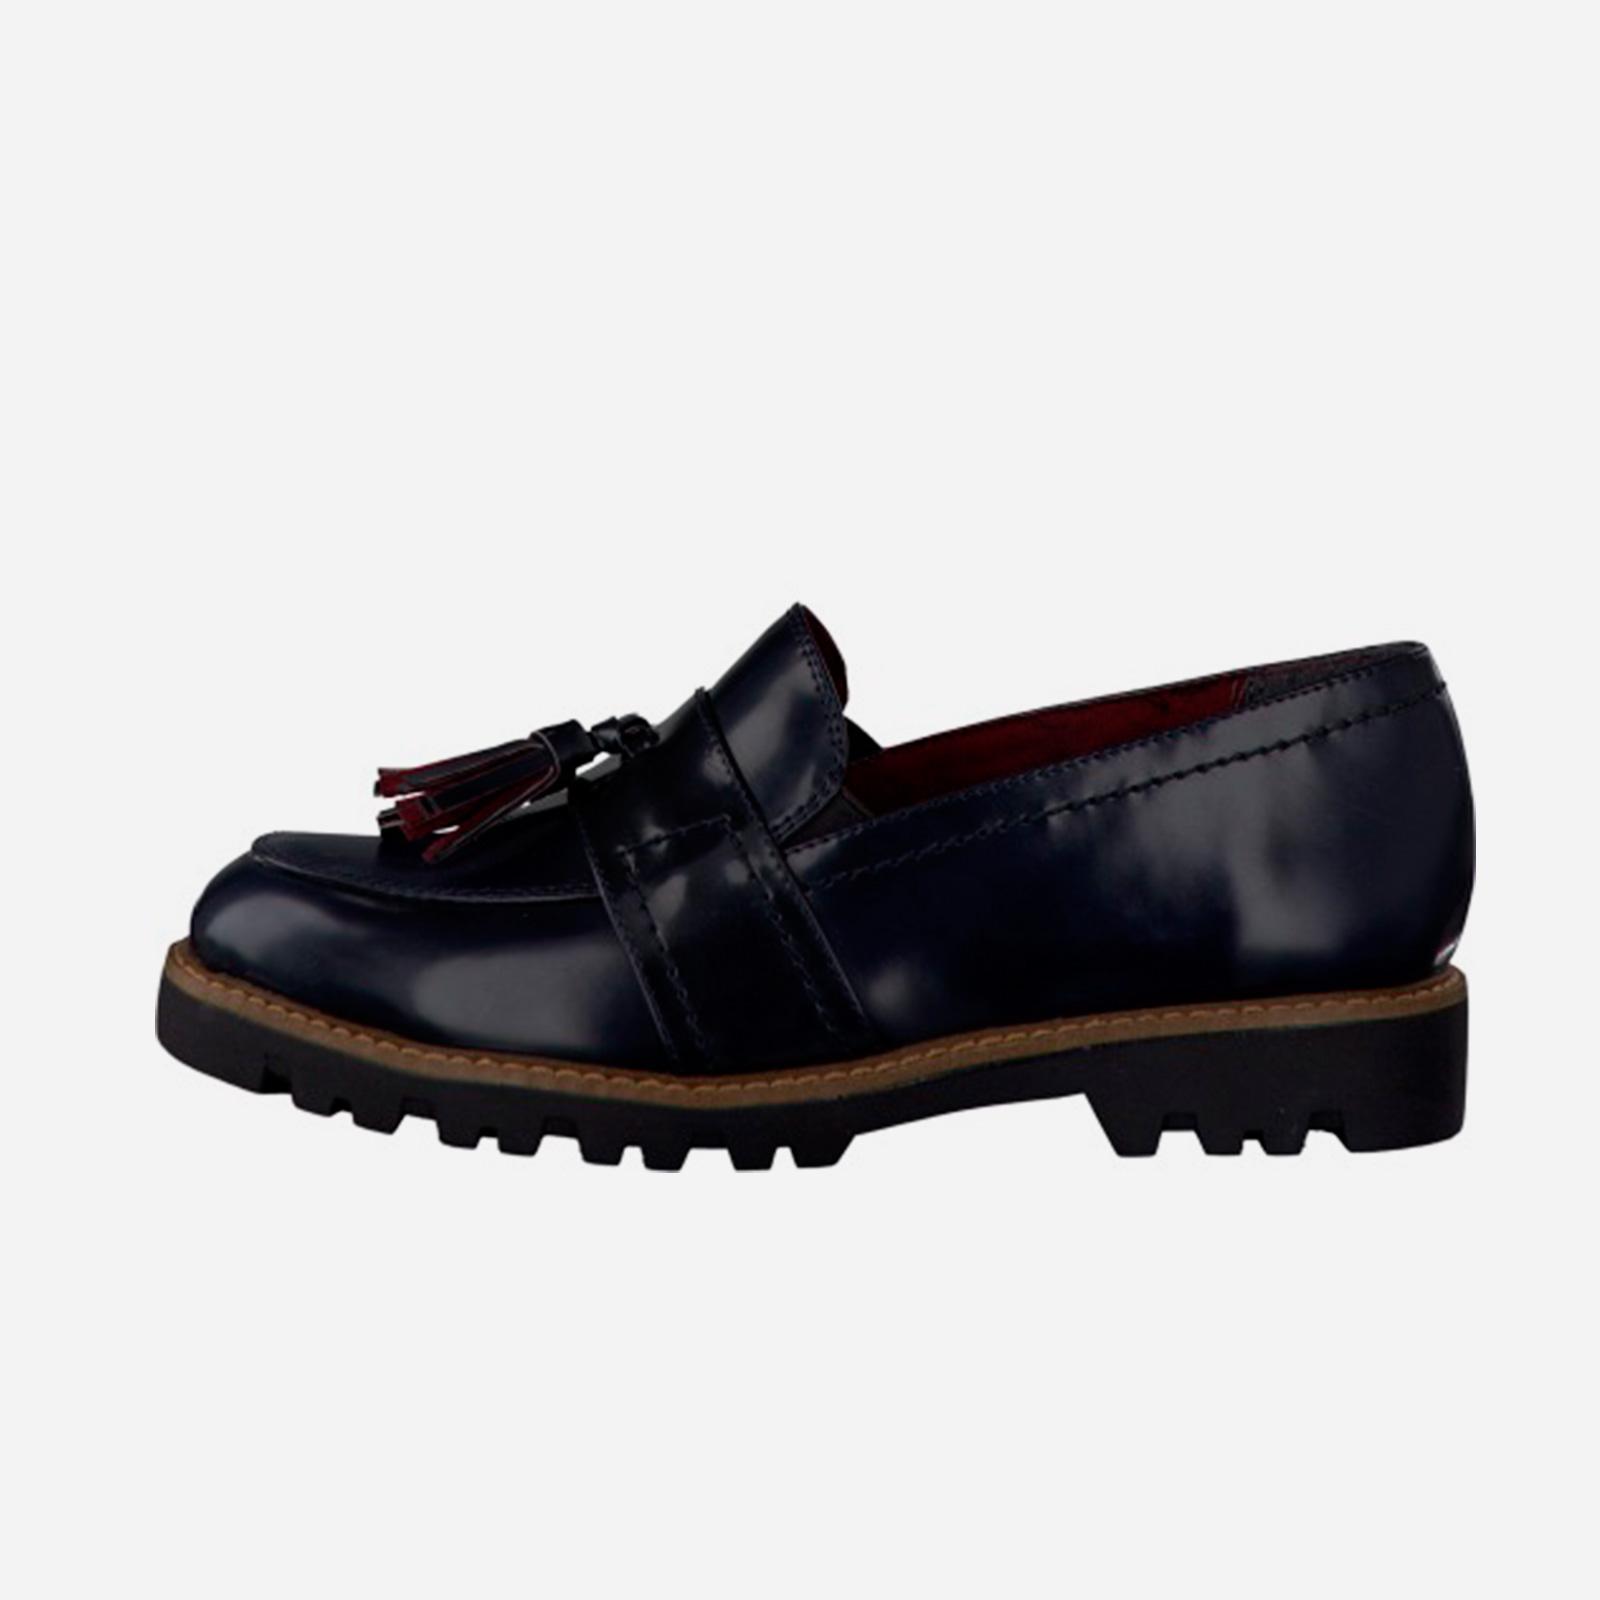 Туфли женские с декорированной кисточкой на мысу